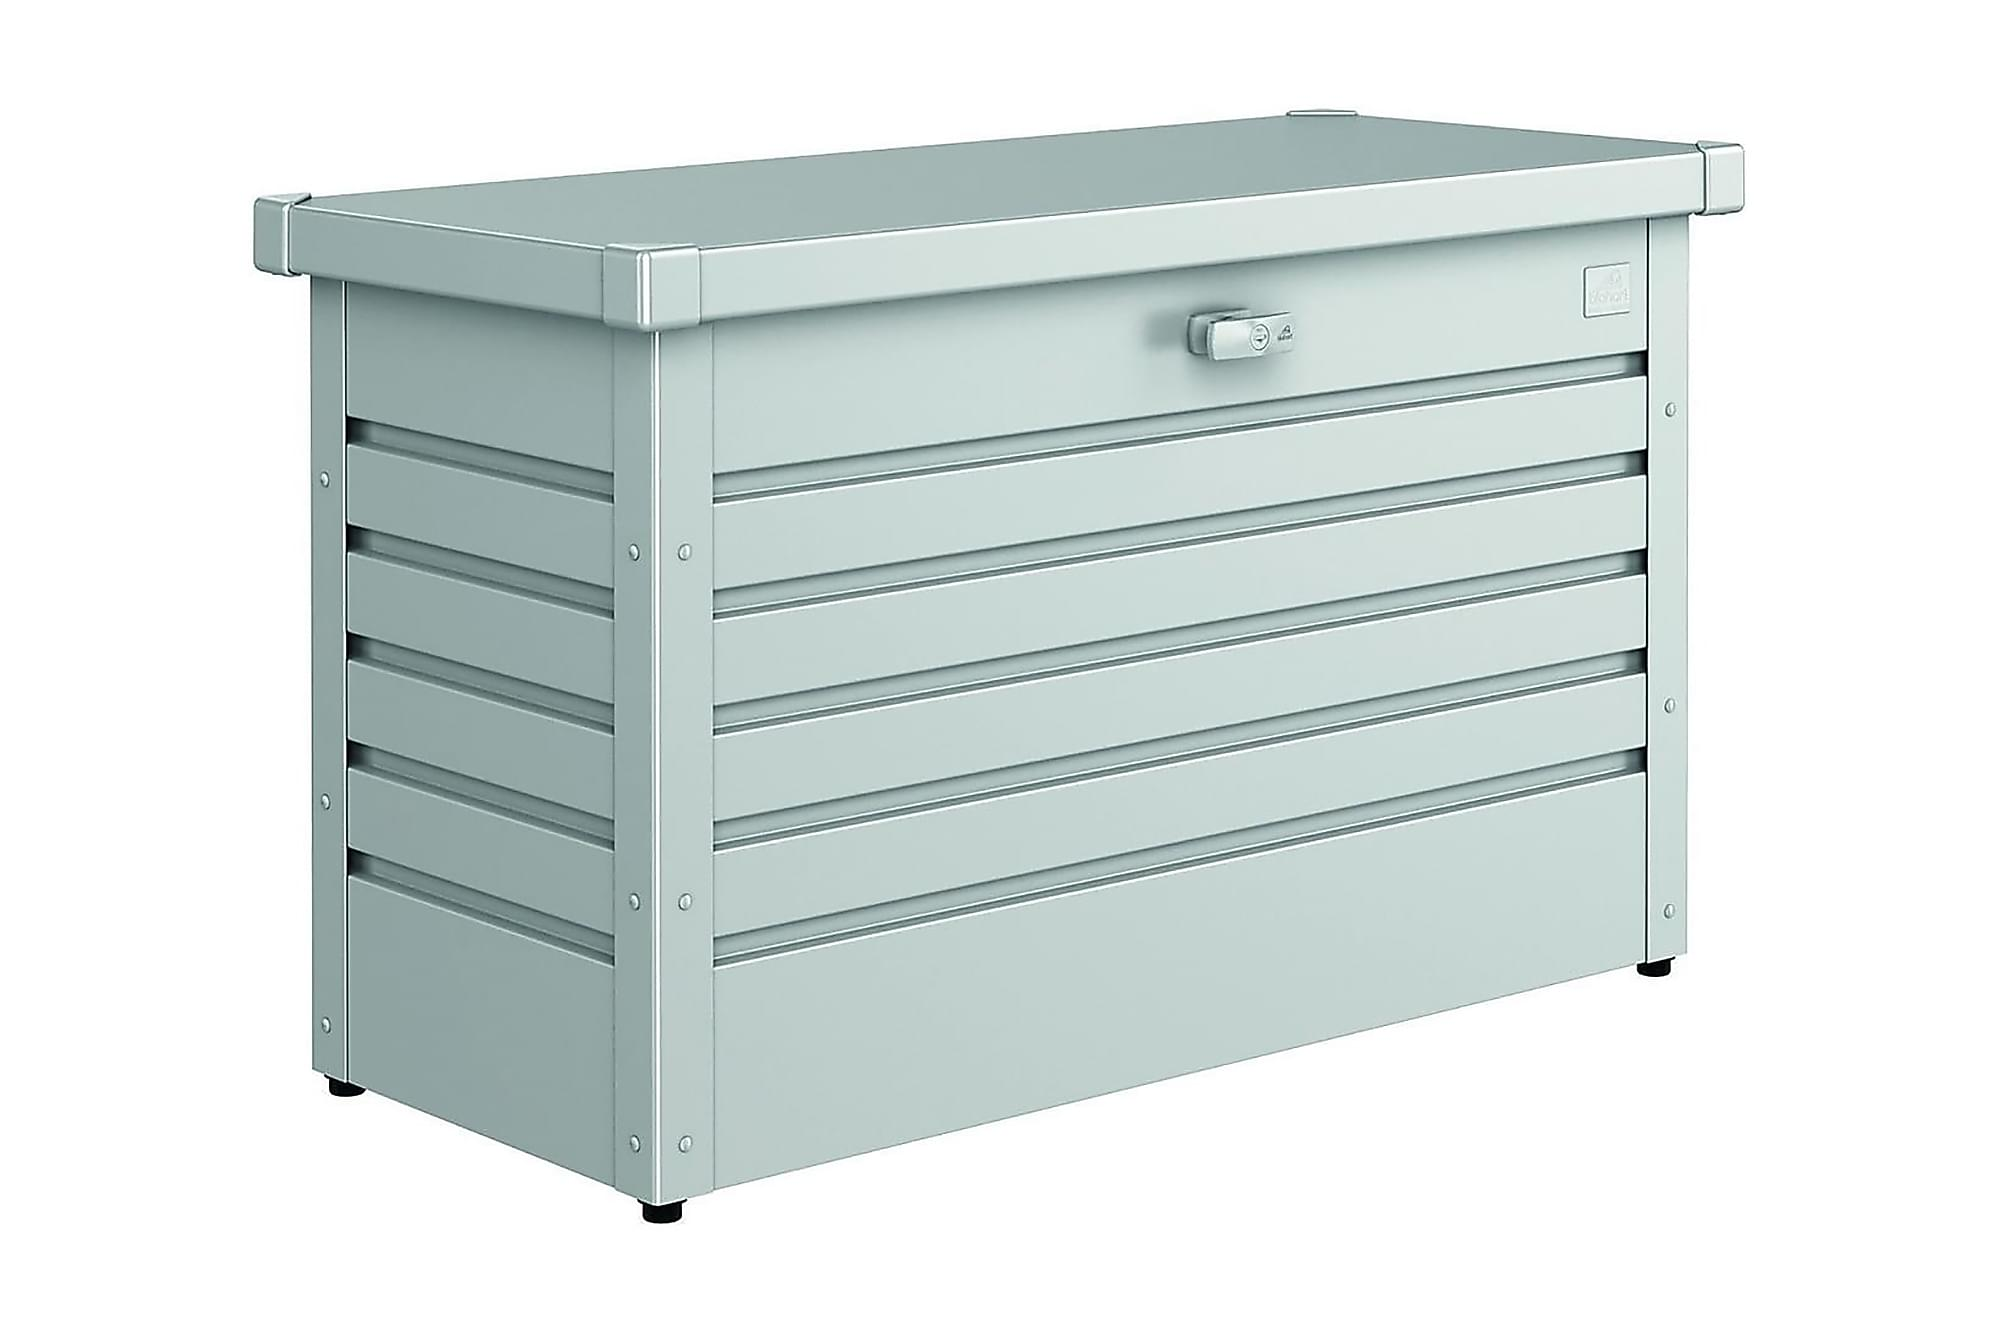 Dynbox 100 Metall/Silver, Dynboxar & dynlådor